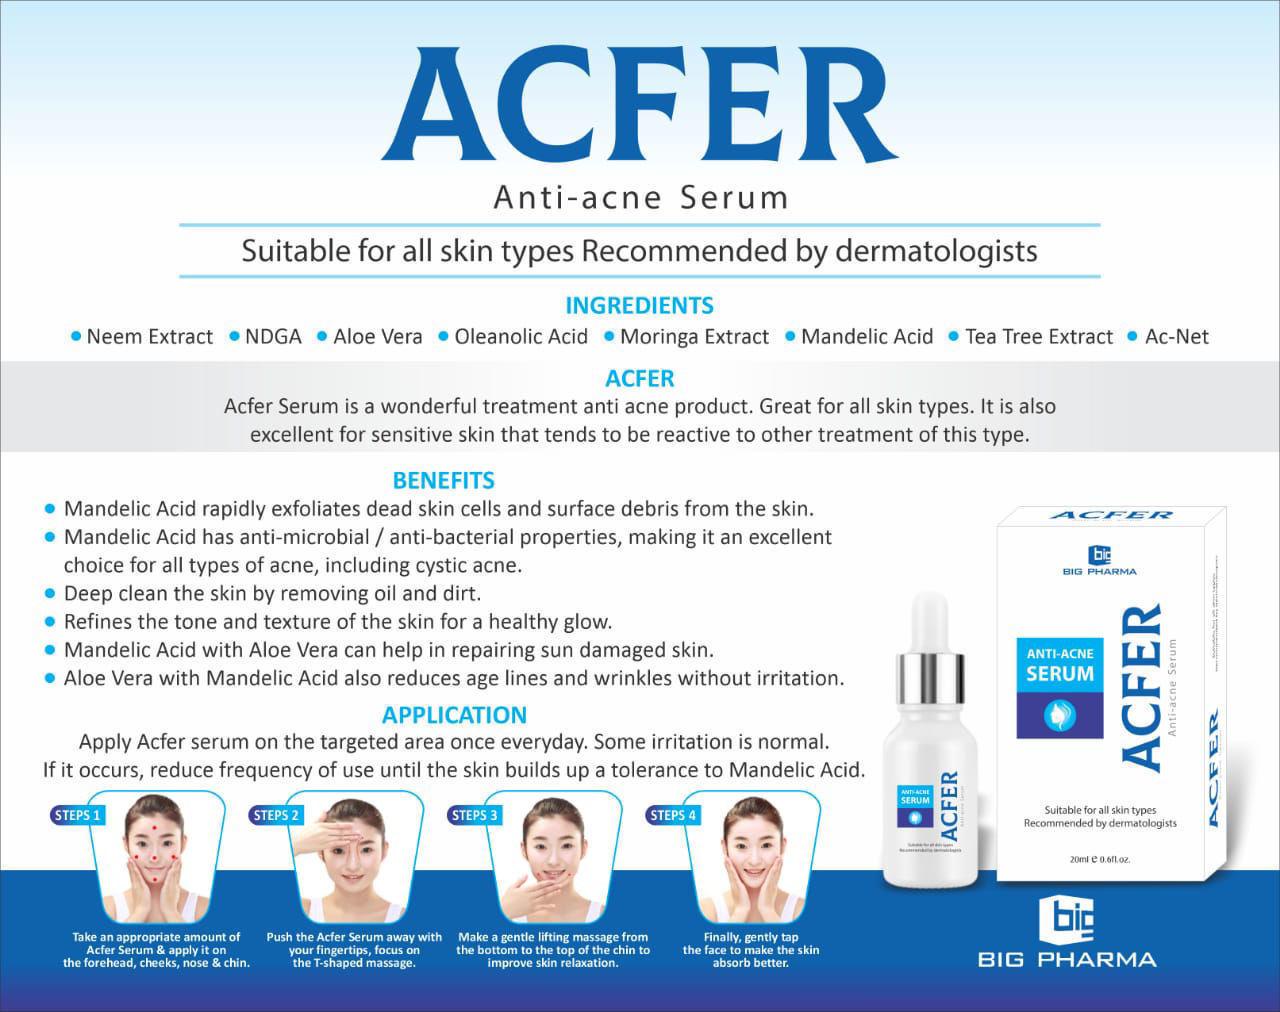 Picture of Anti Acne Serum (ACFER)